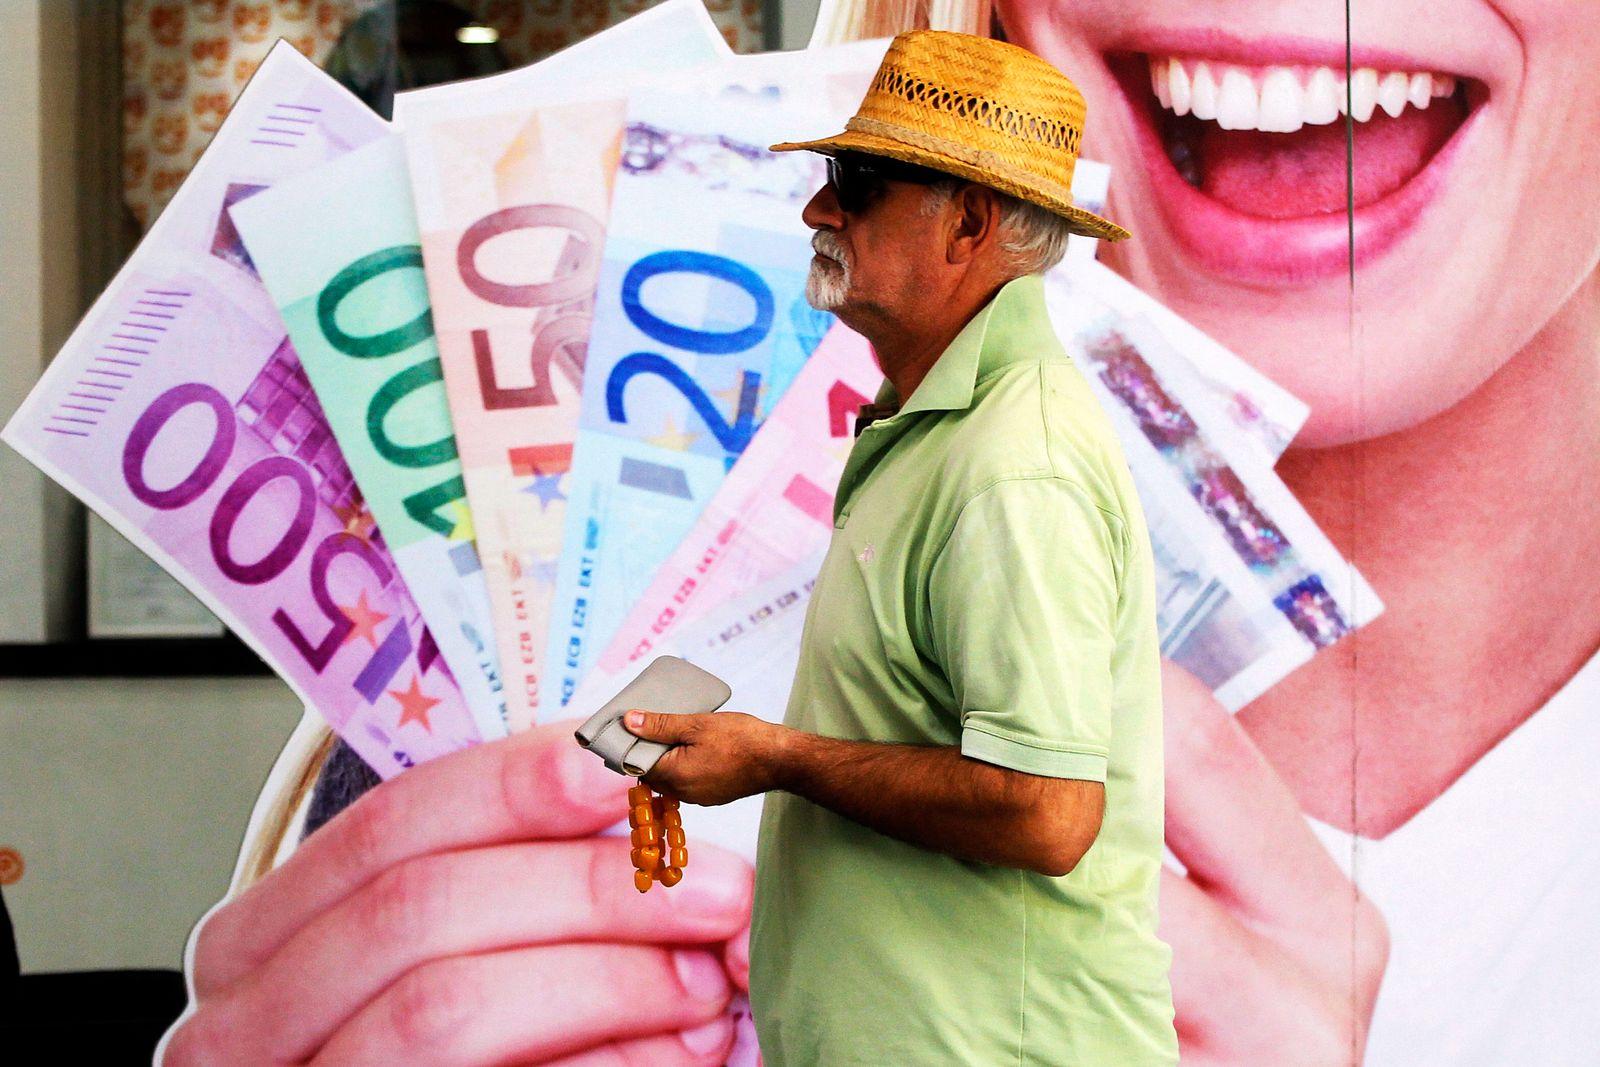 Griechenland / Konjunktur / Wirtschaft / Finanzkrise / Schulden / Euro